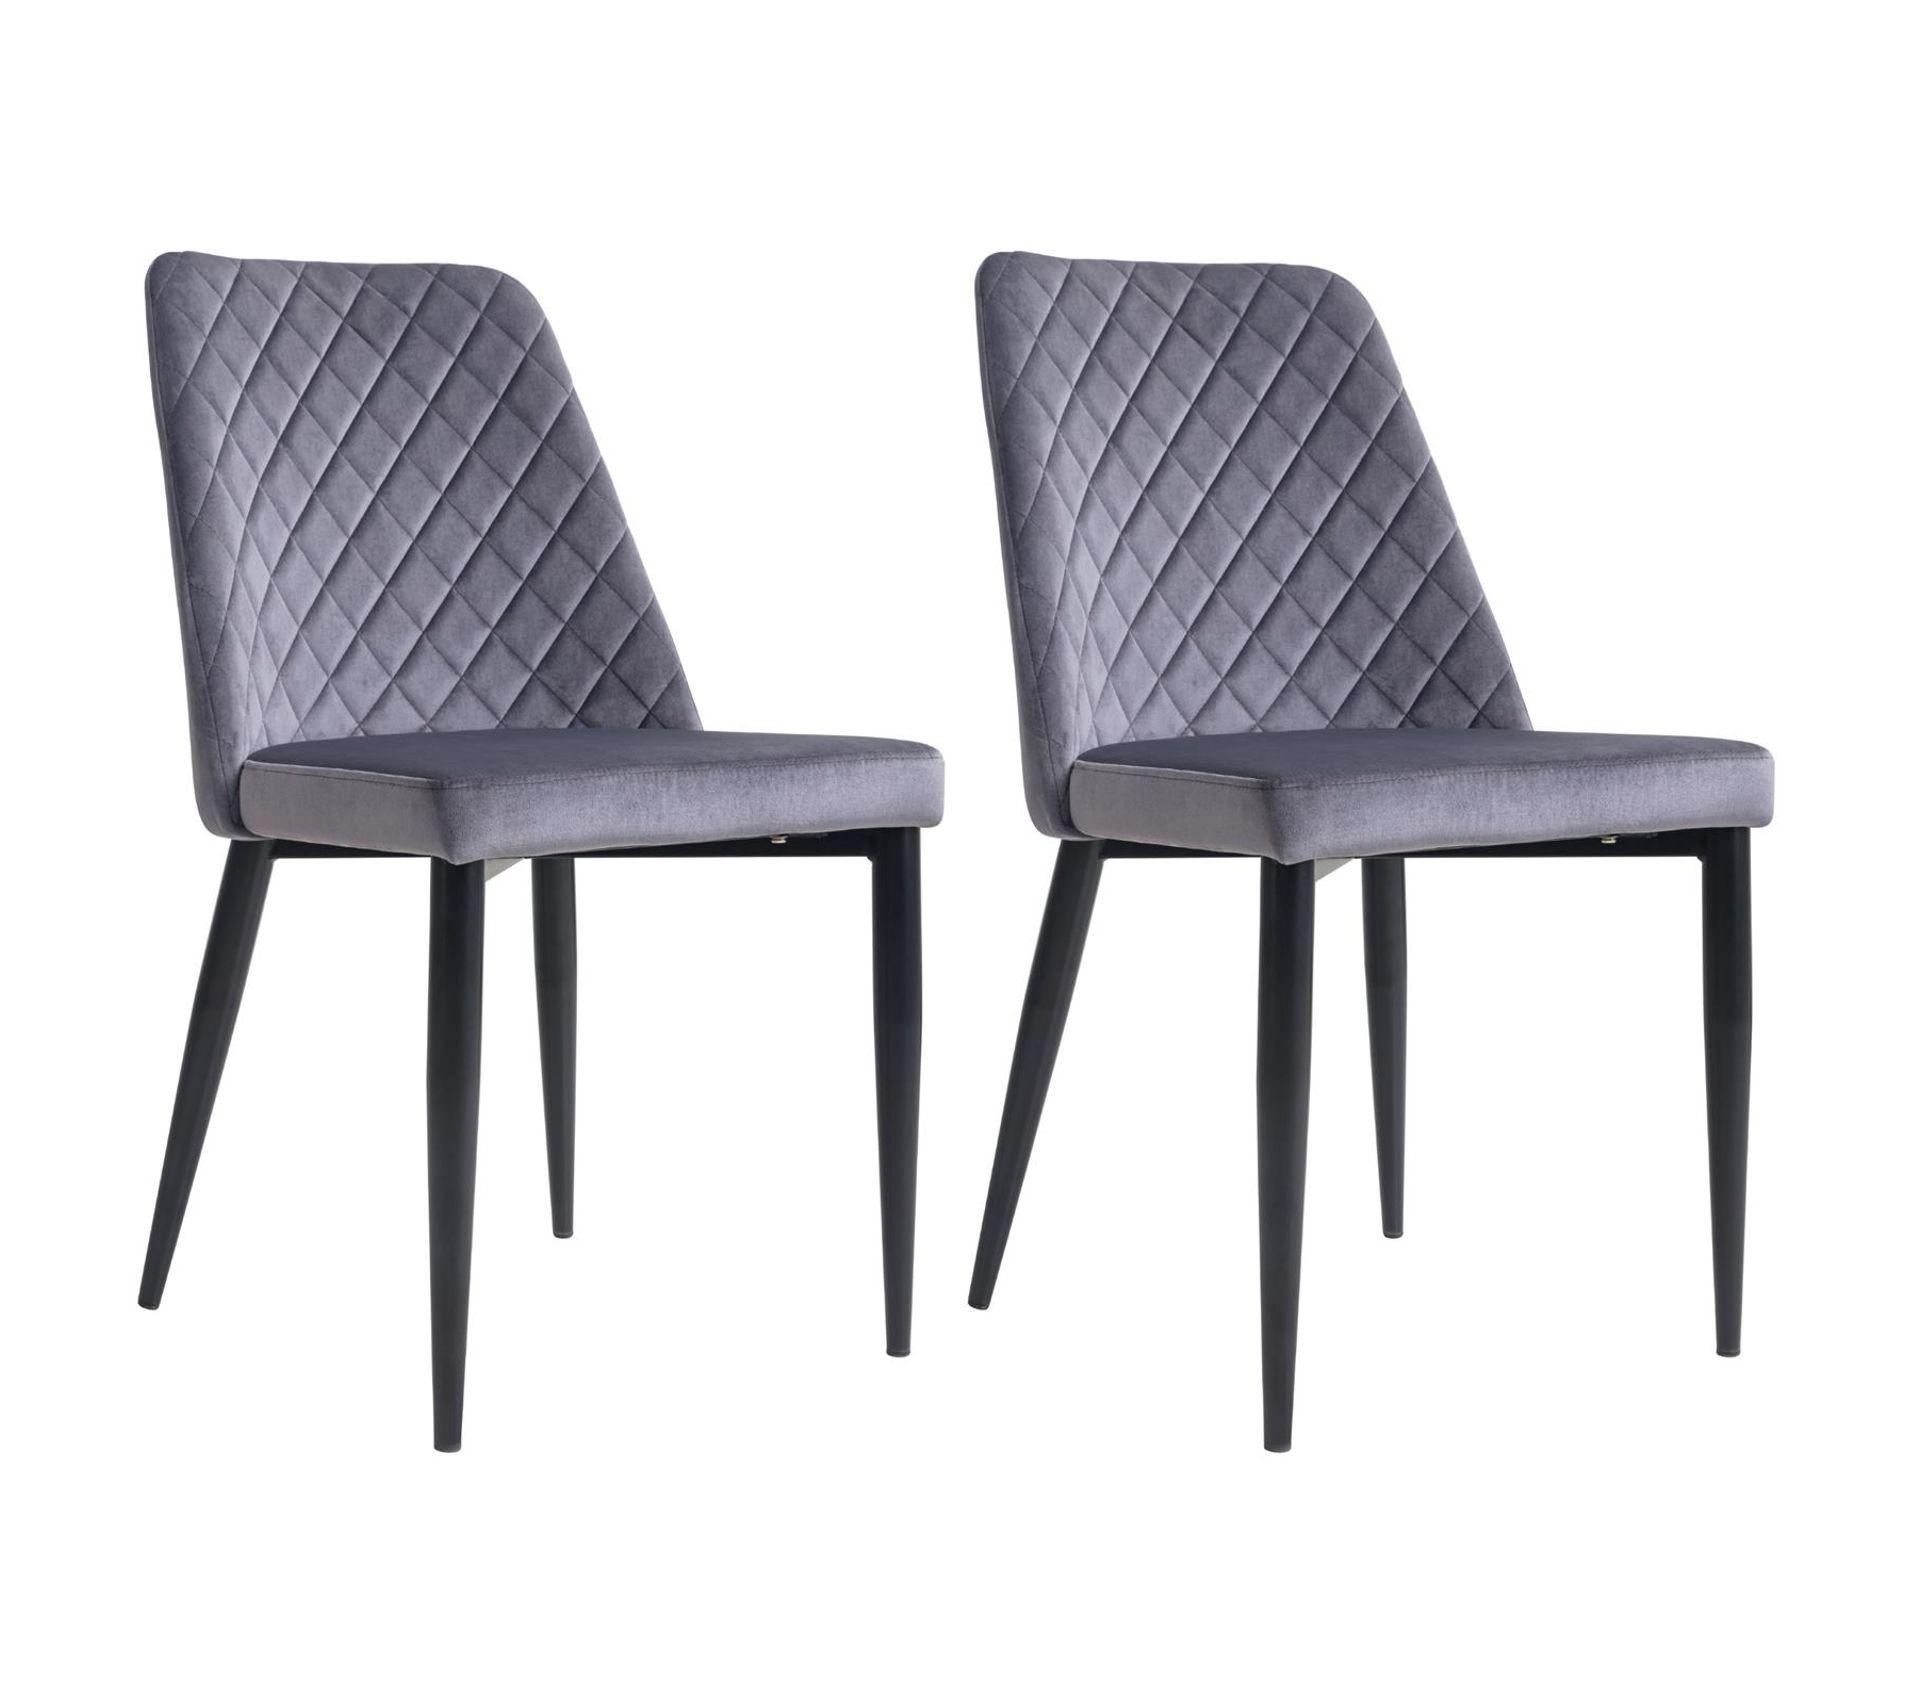 Matériel De Tapissier D Occasion lot de 2 chaises zamora, en velours gris